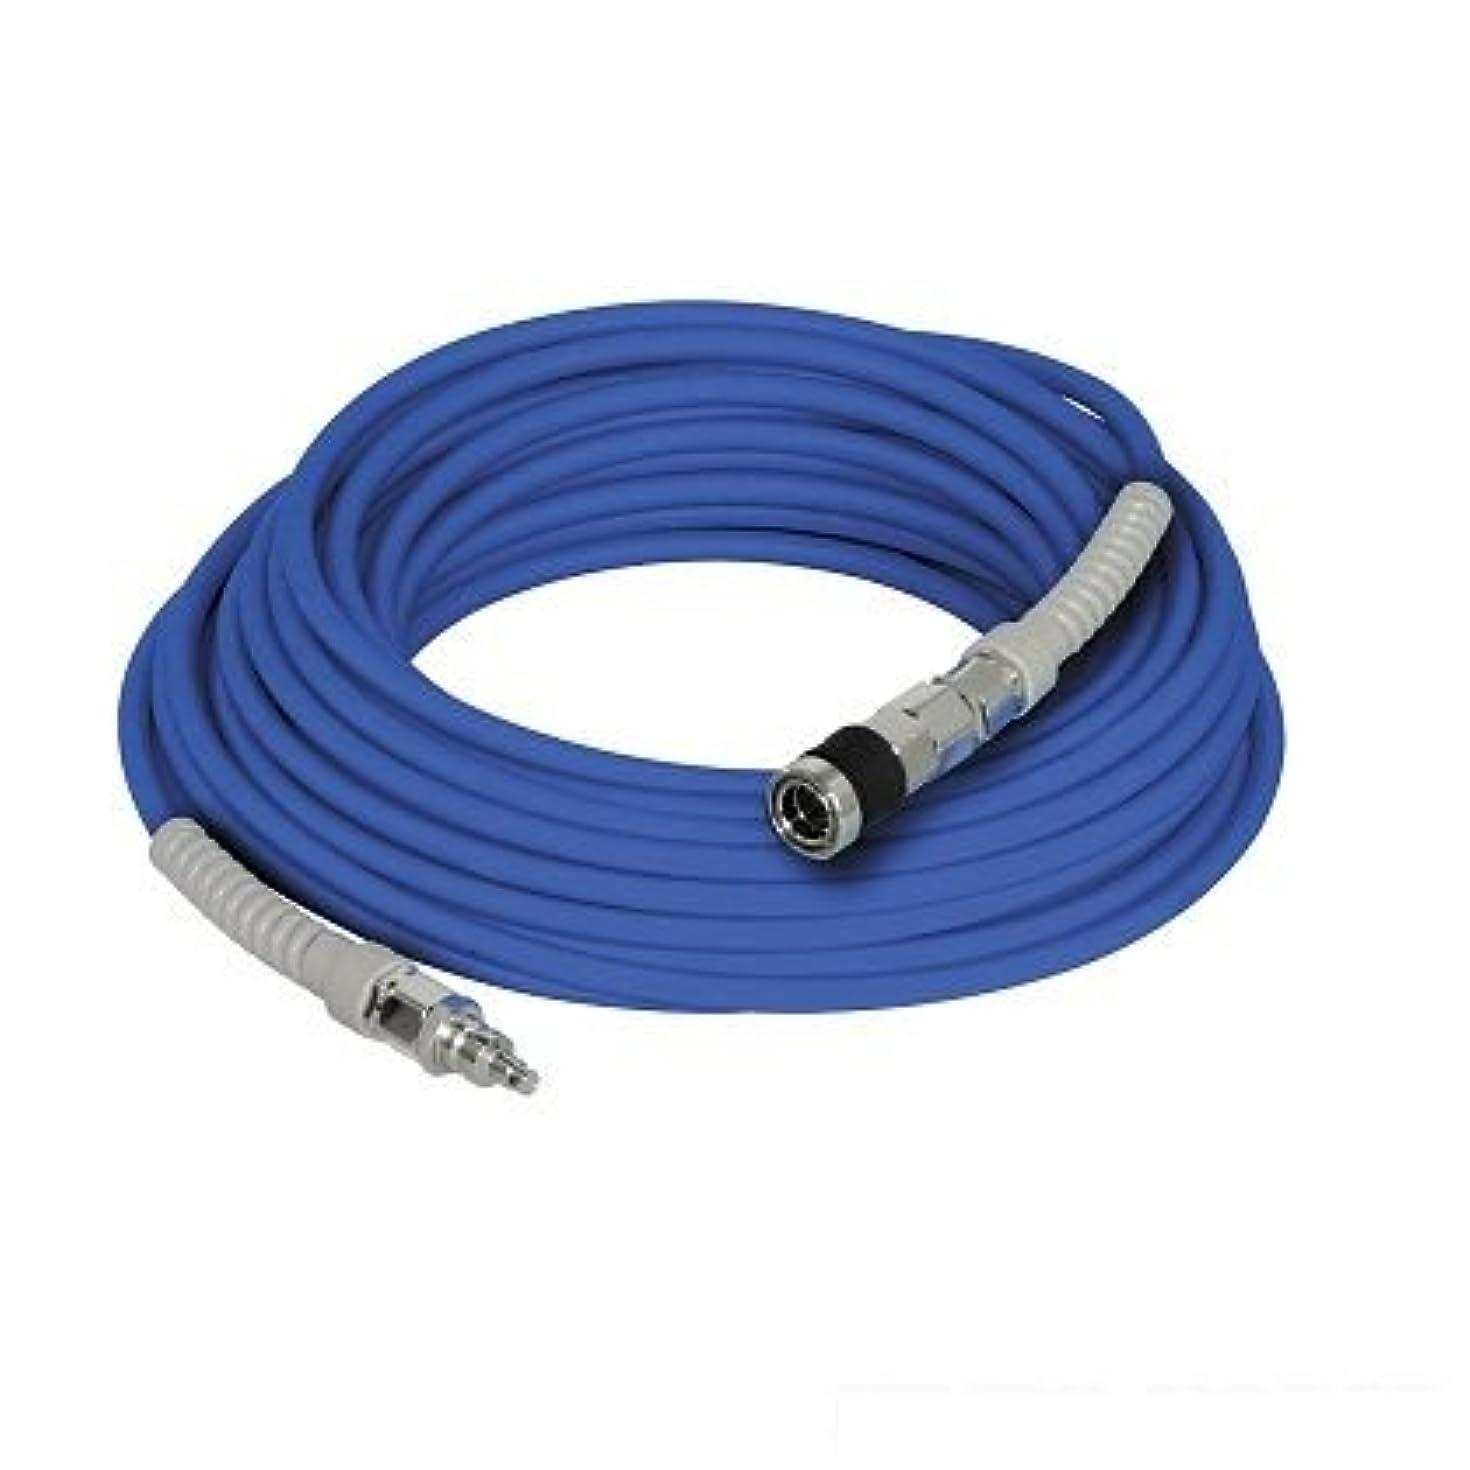 残るフィクション刈るマッハ 高圧エアーホース ブルー 長さ:20m SLH-420